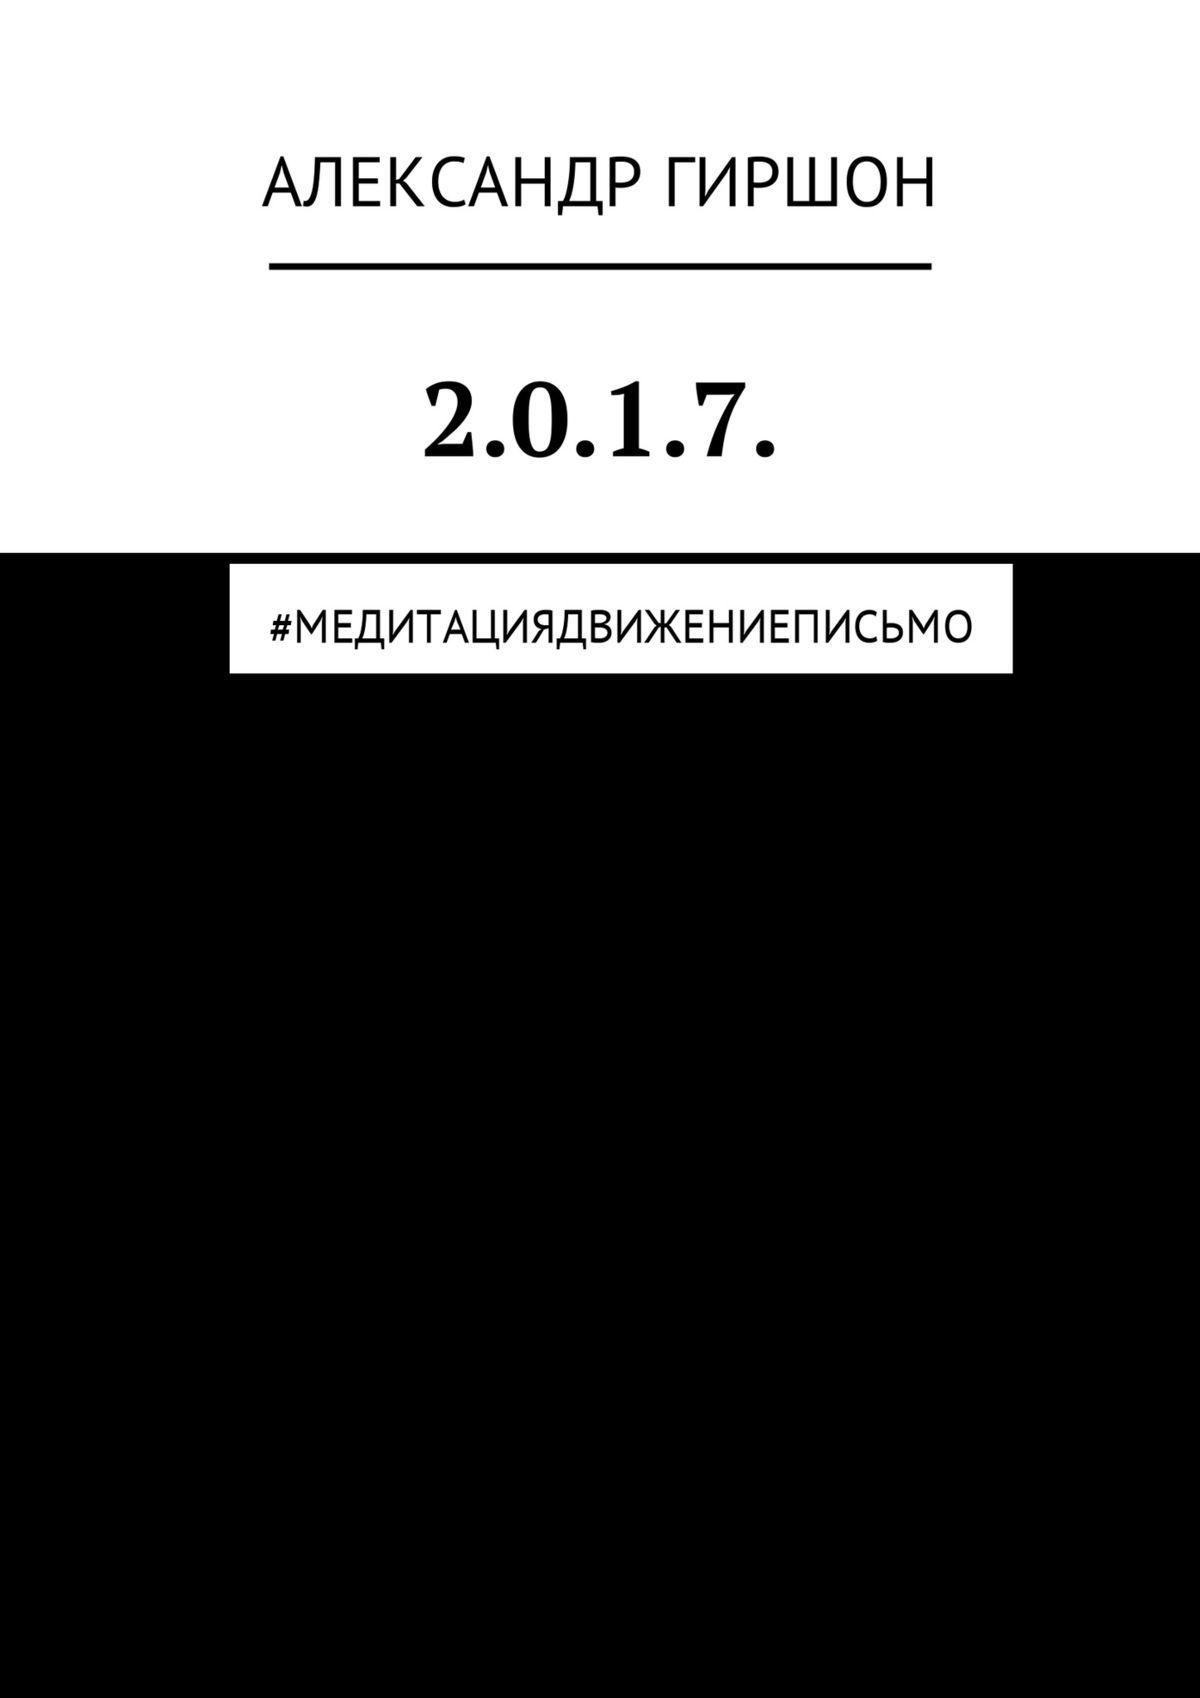 2.0.1.7. #медитациядвижениеписьмо